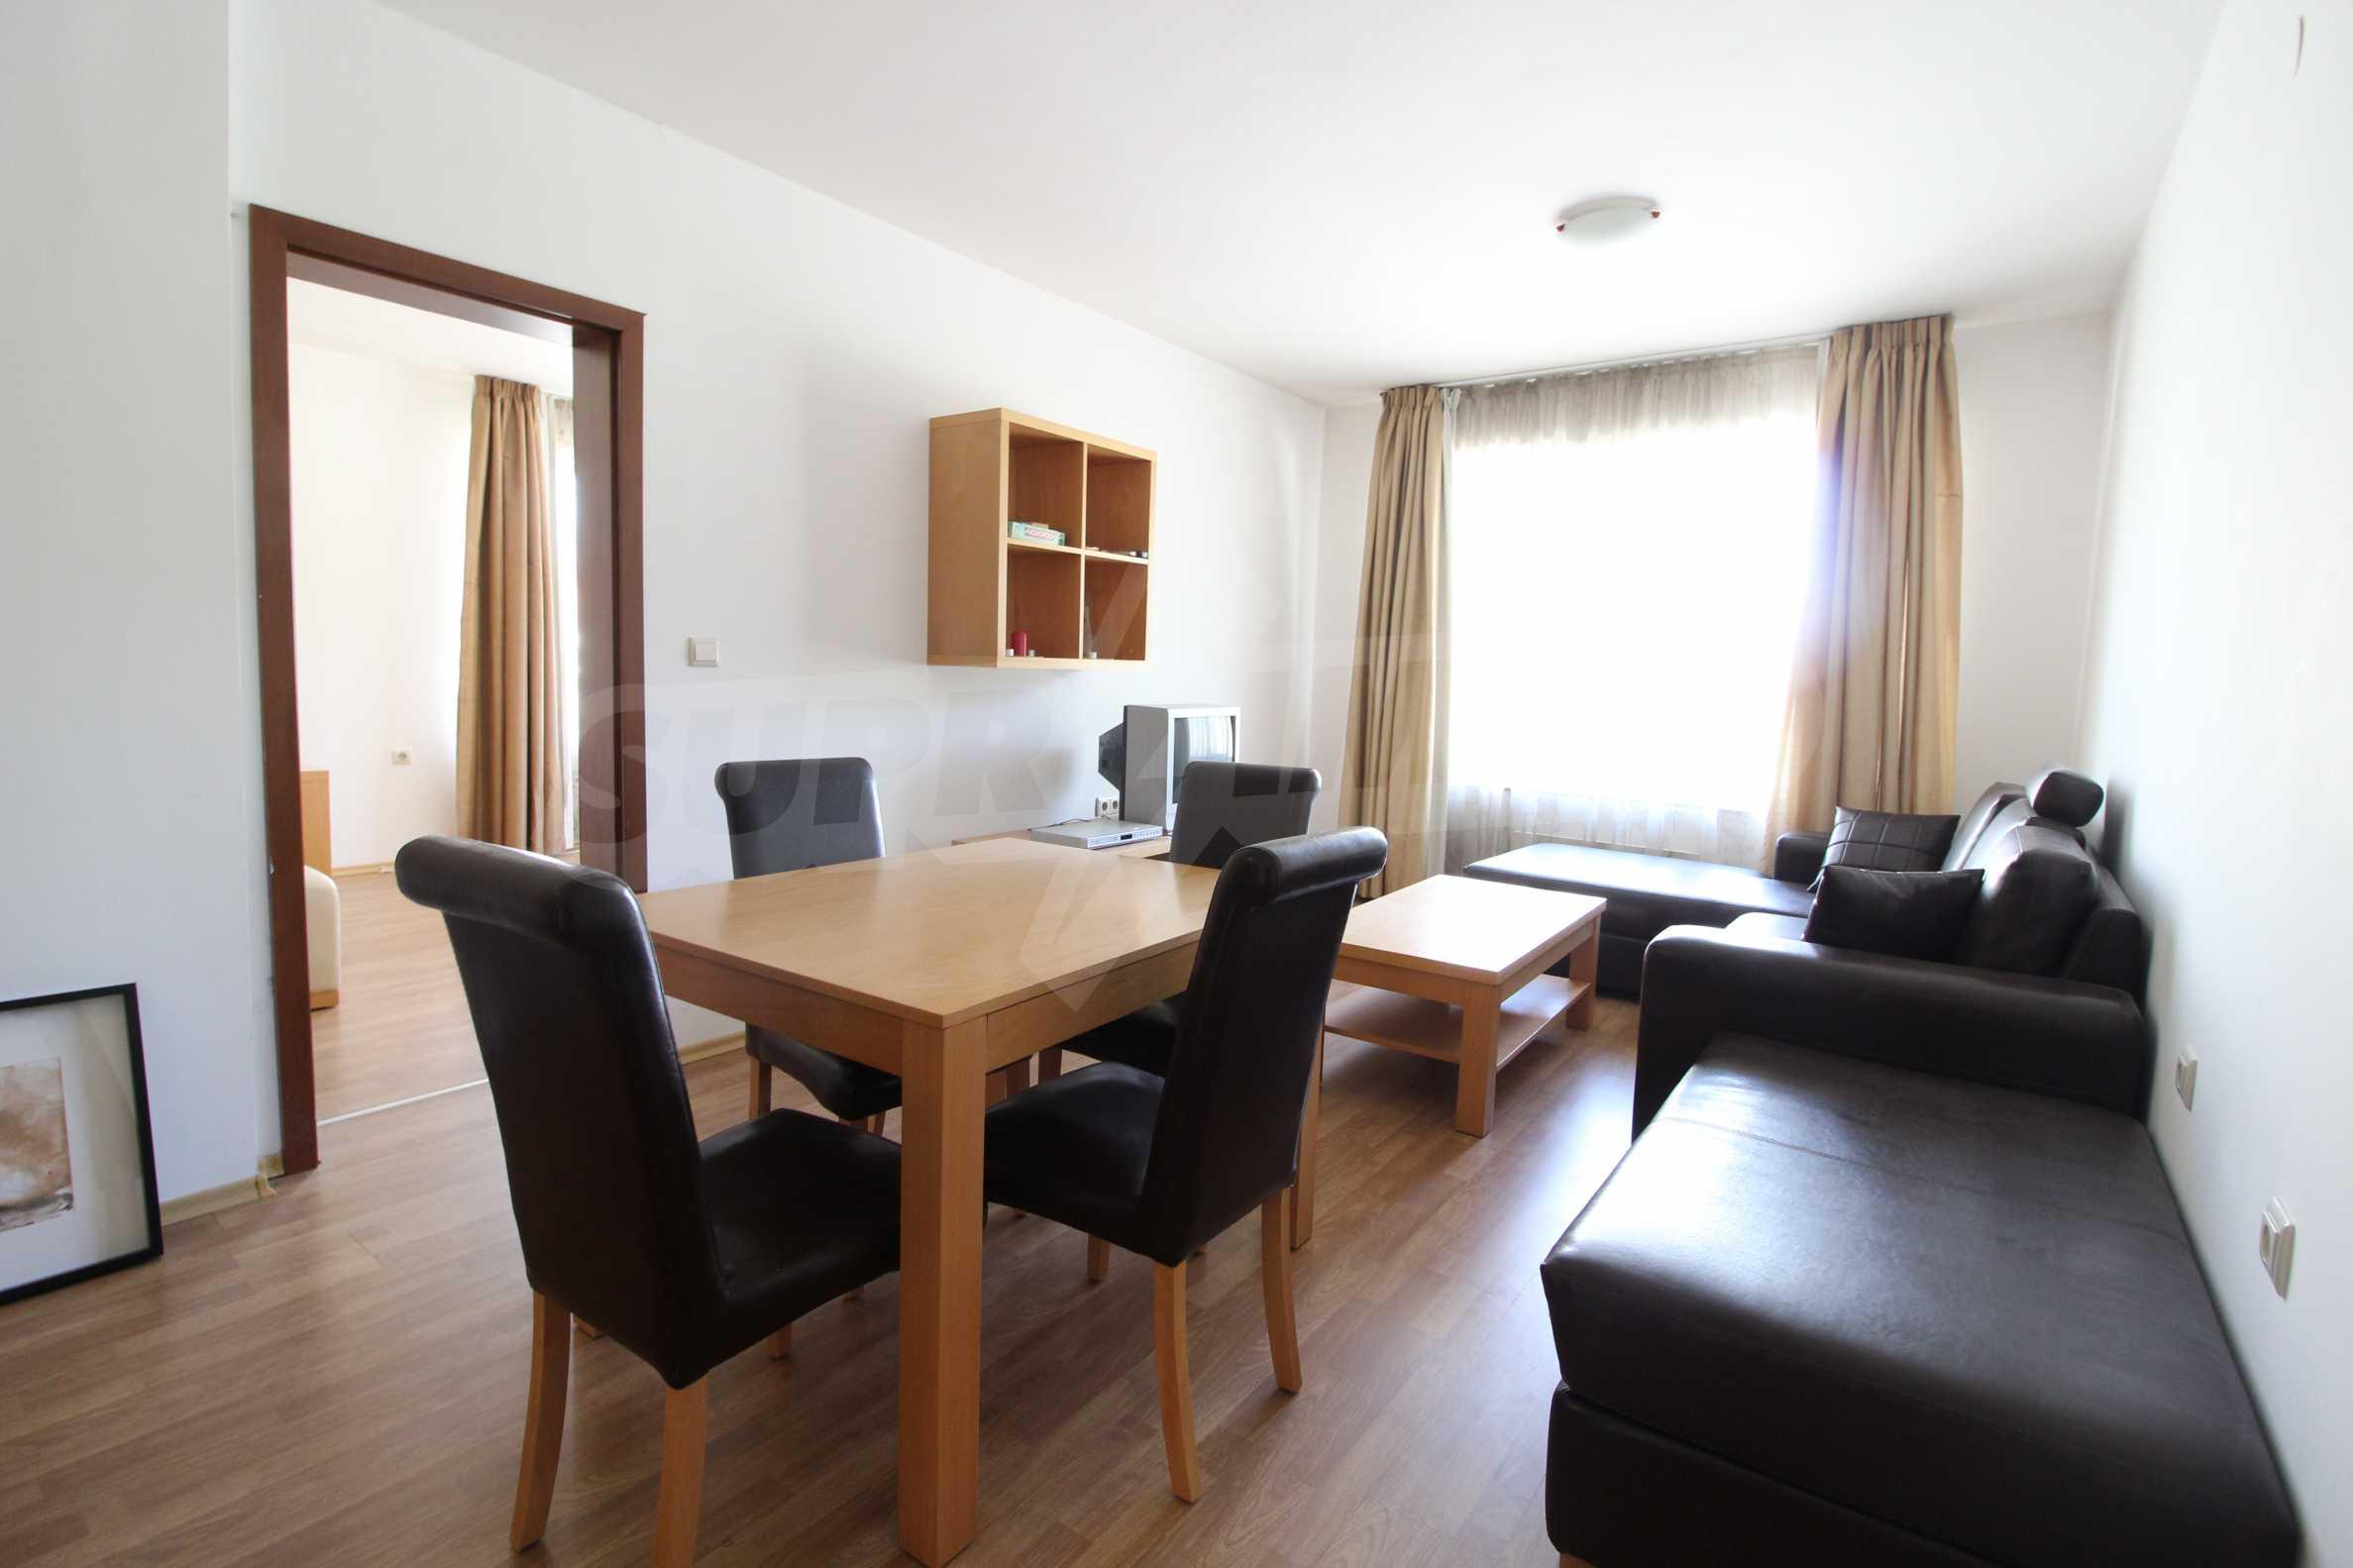 Möbliertes Apartment mit zwei Schlafzimmern im Top Lodge-Komplex, nur wenige Meter vom Skilift in Bansko entfernt 2